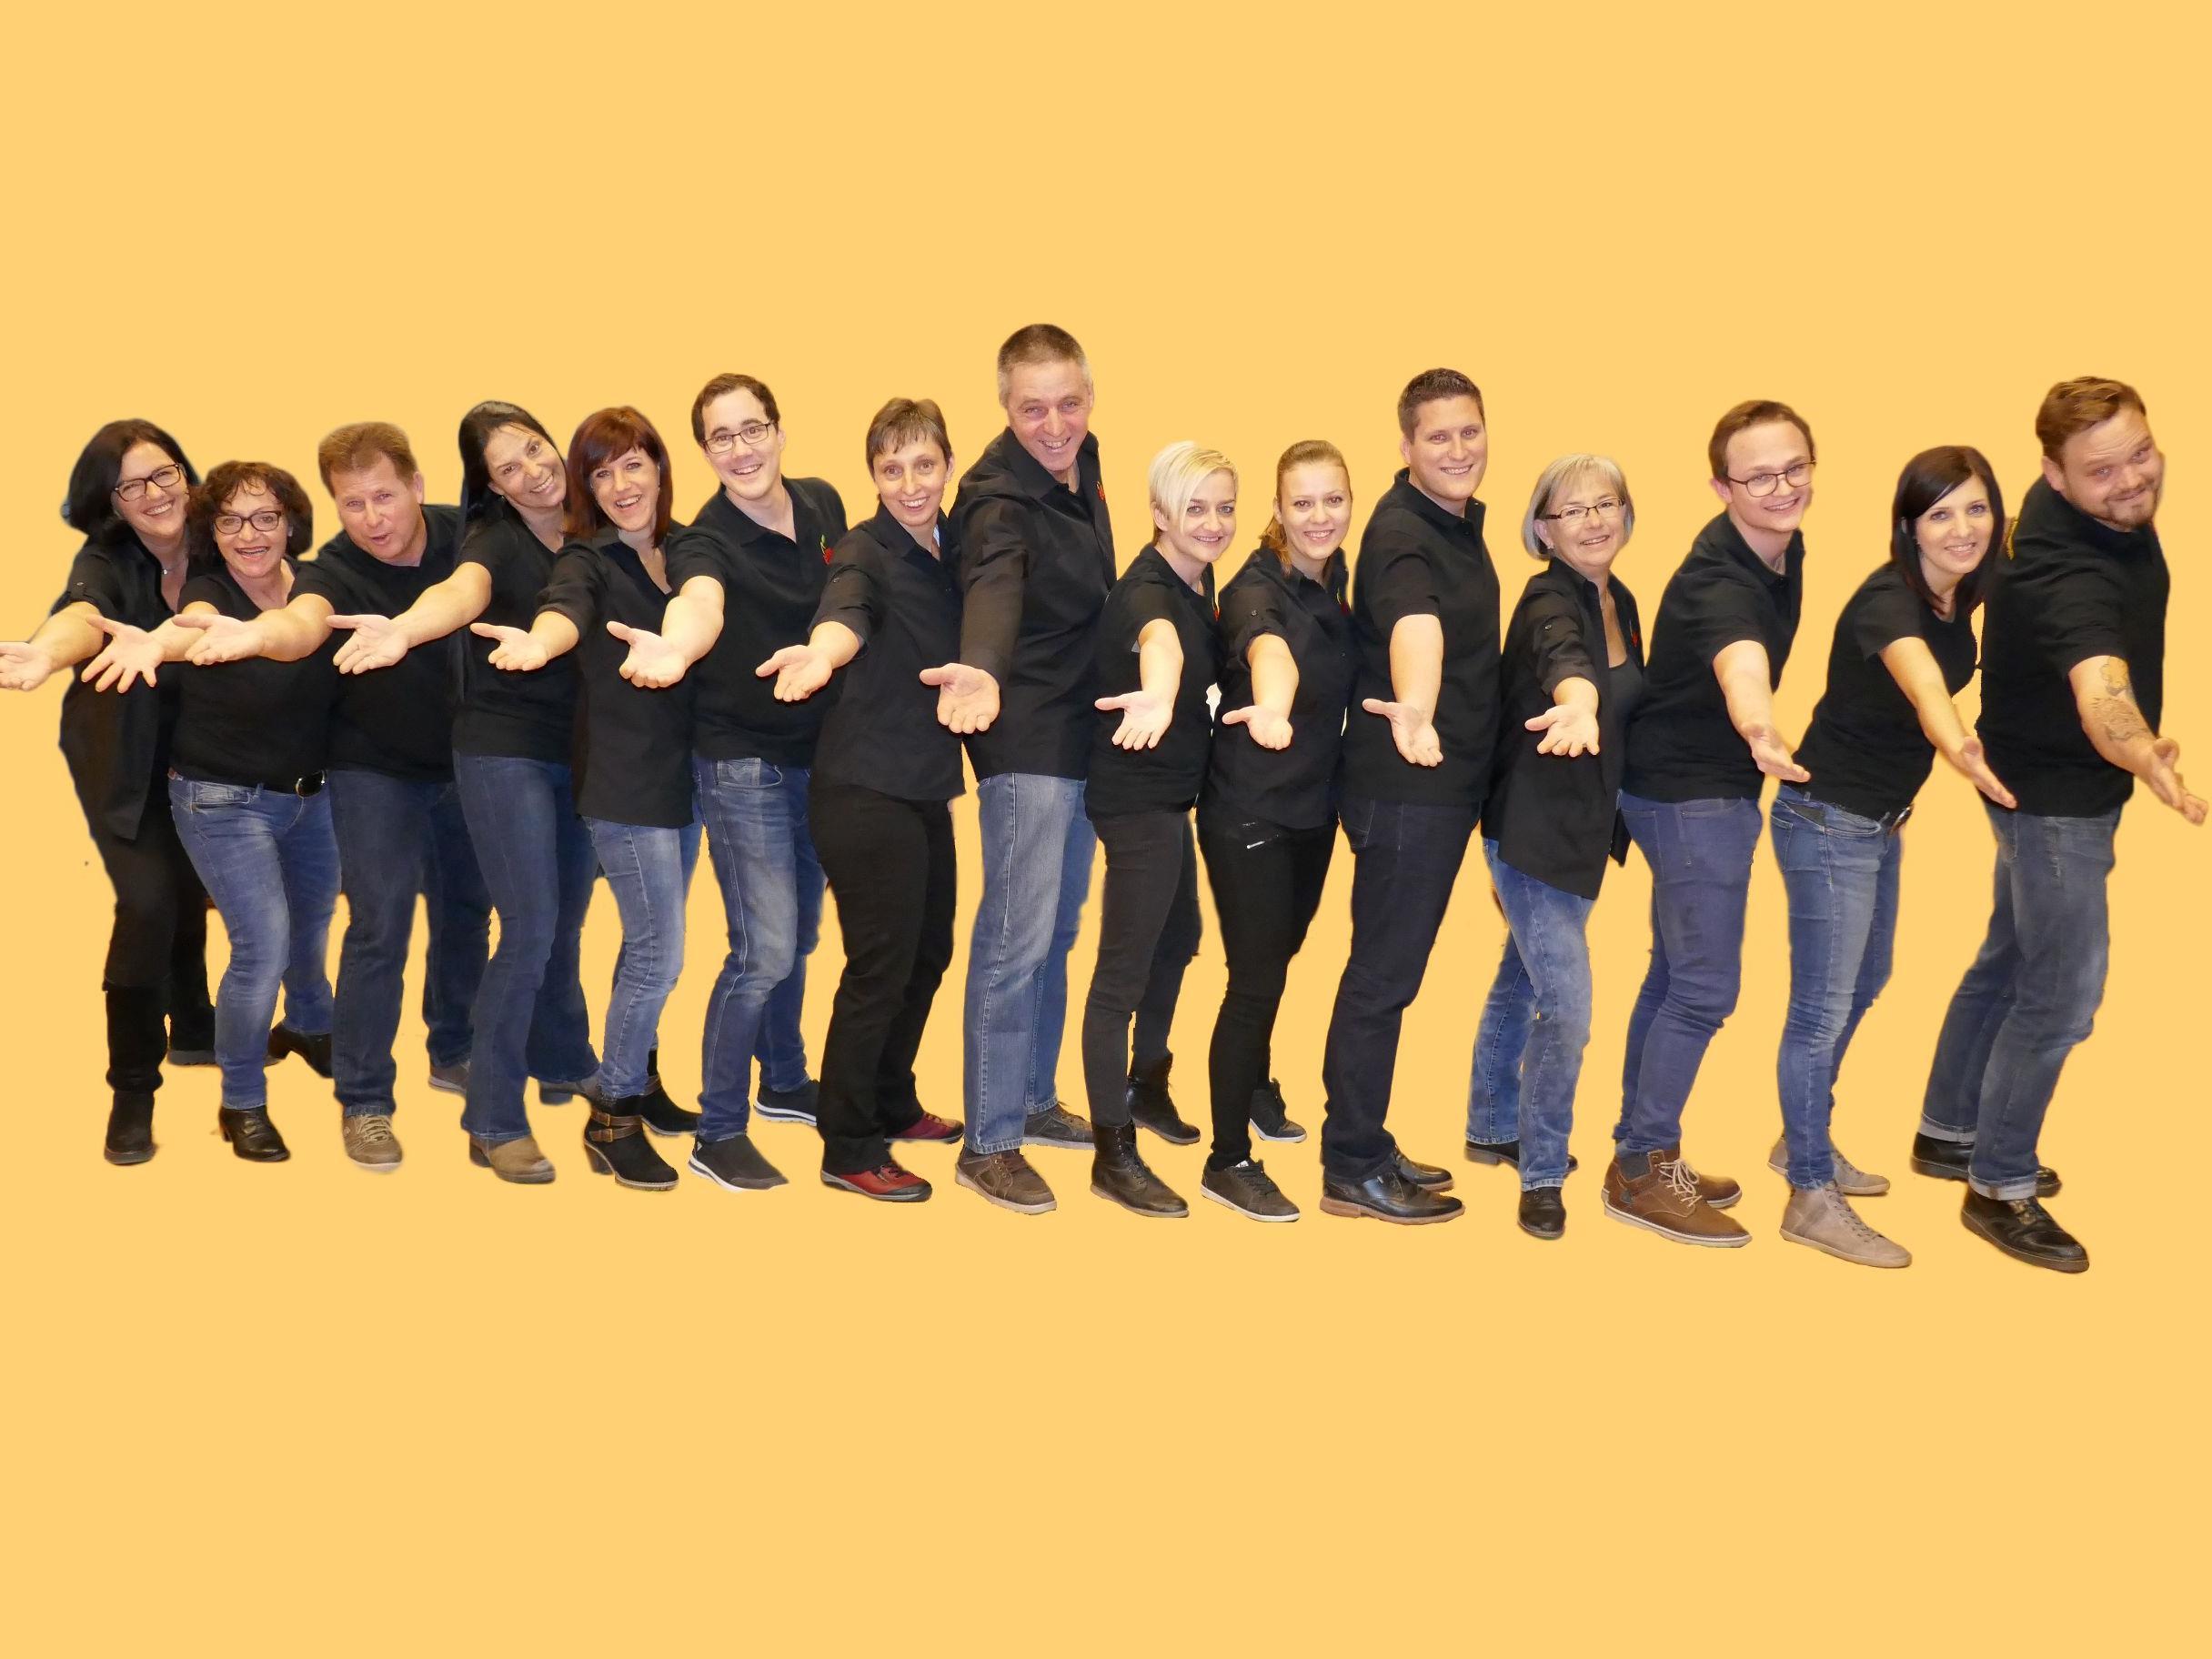 Die Crew des Theatervereins Fraxern freut sich auf die Premiere ihres neuen Stückes Anfang April.